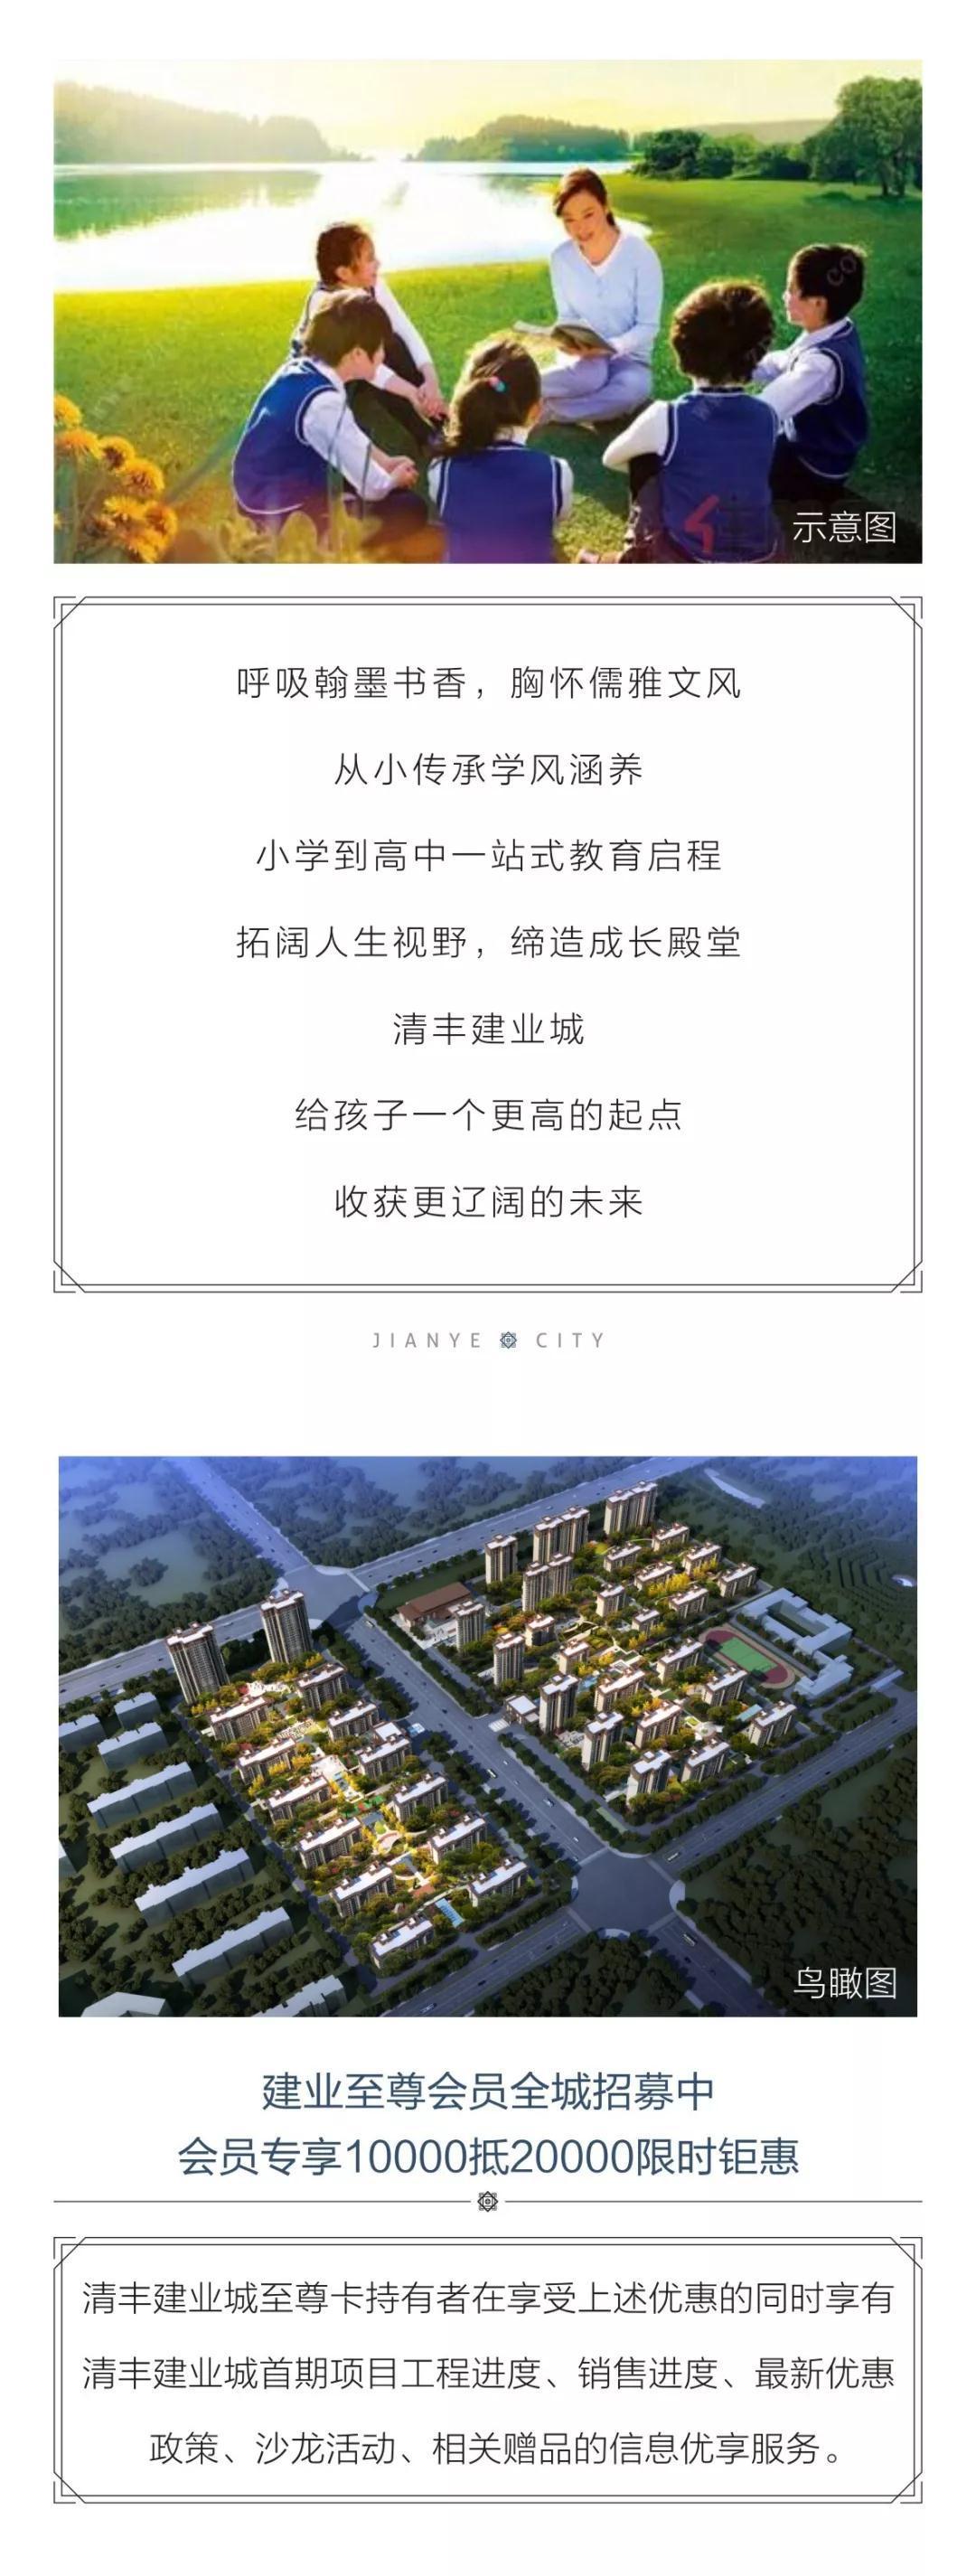 清丰建业城丨优质教育配套,呵护孩子健康成长